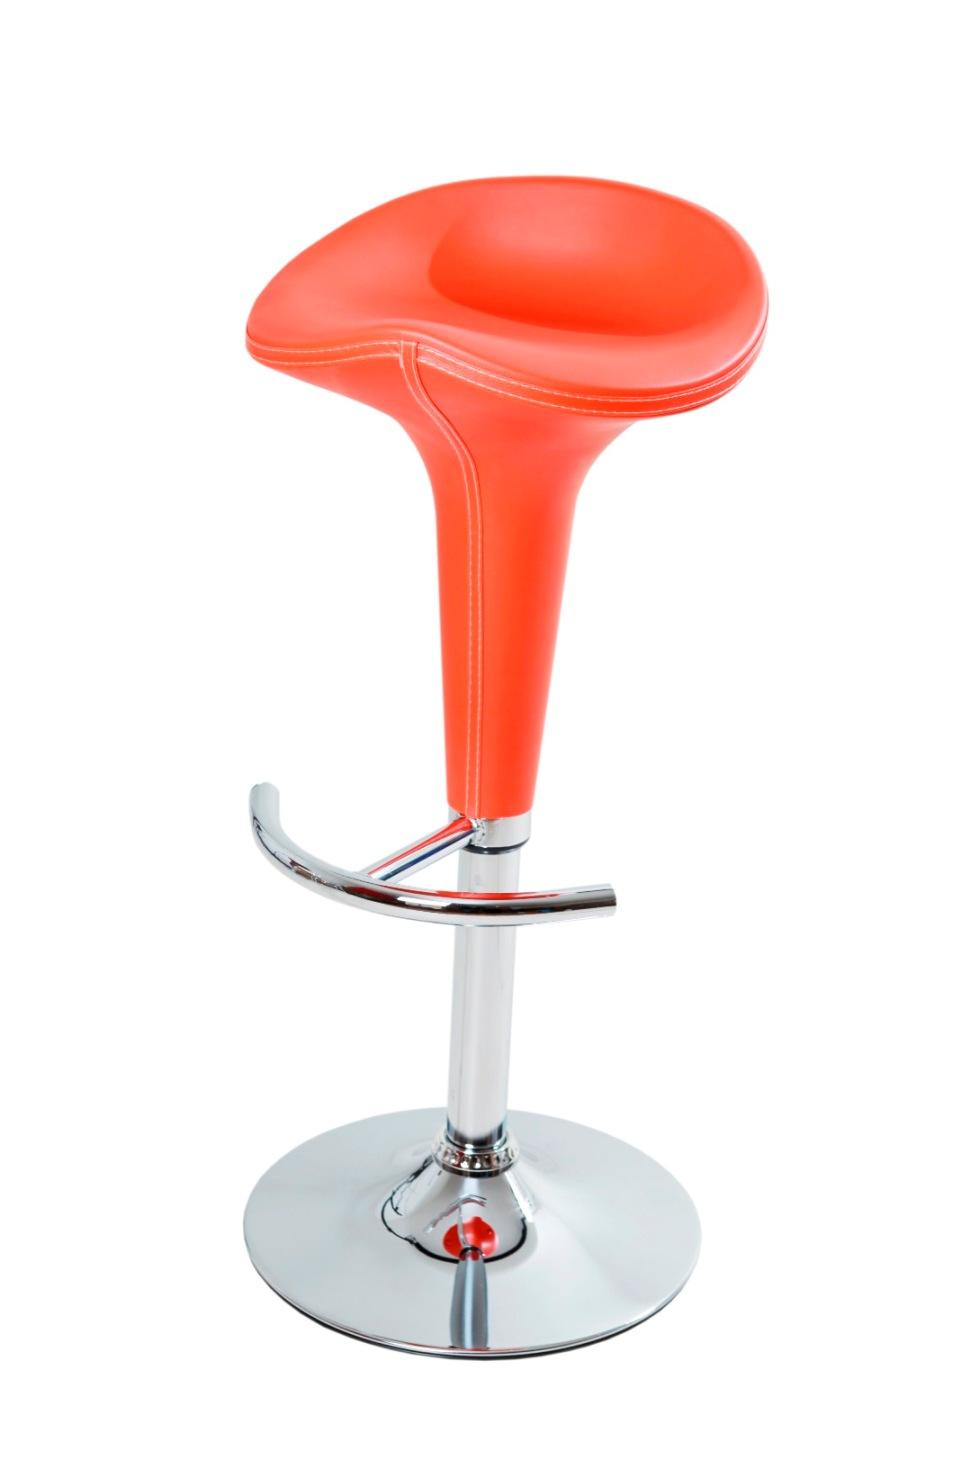 цена барного стула